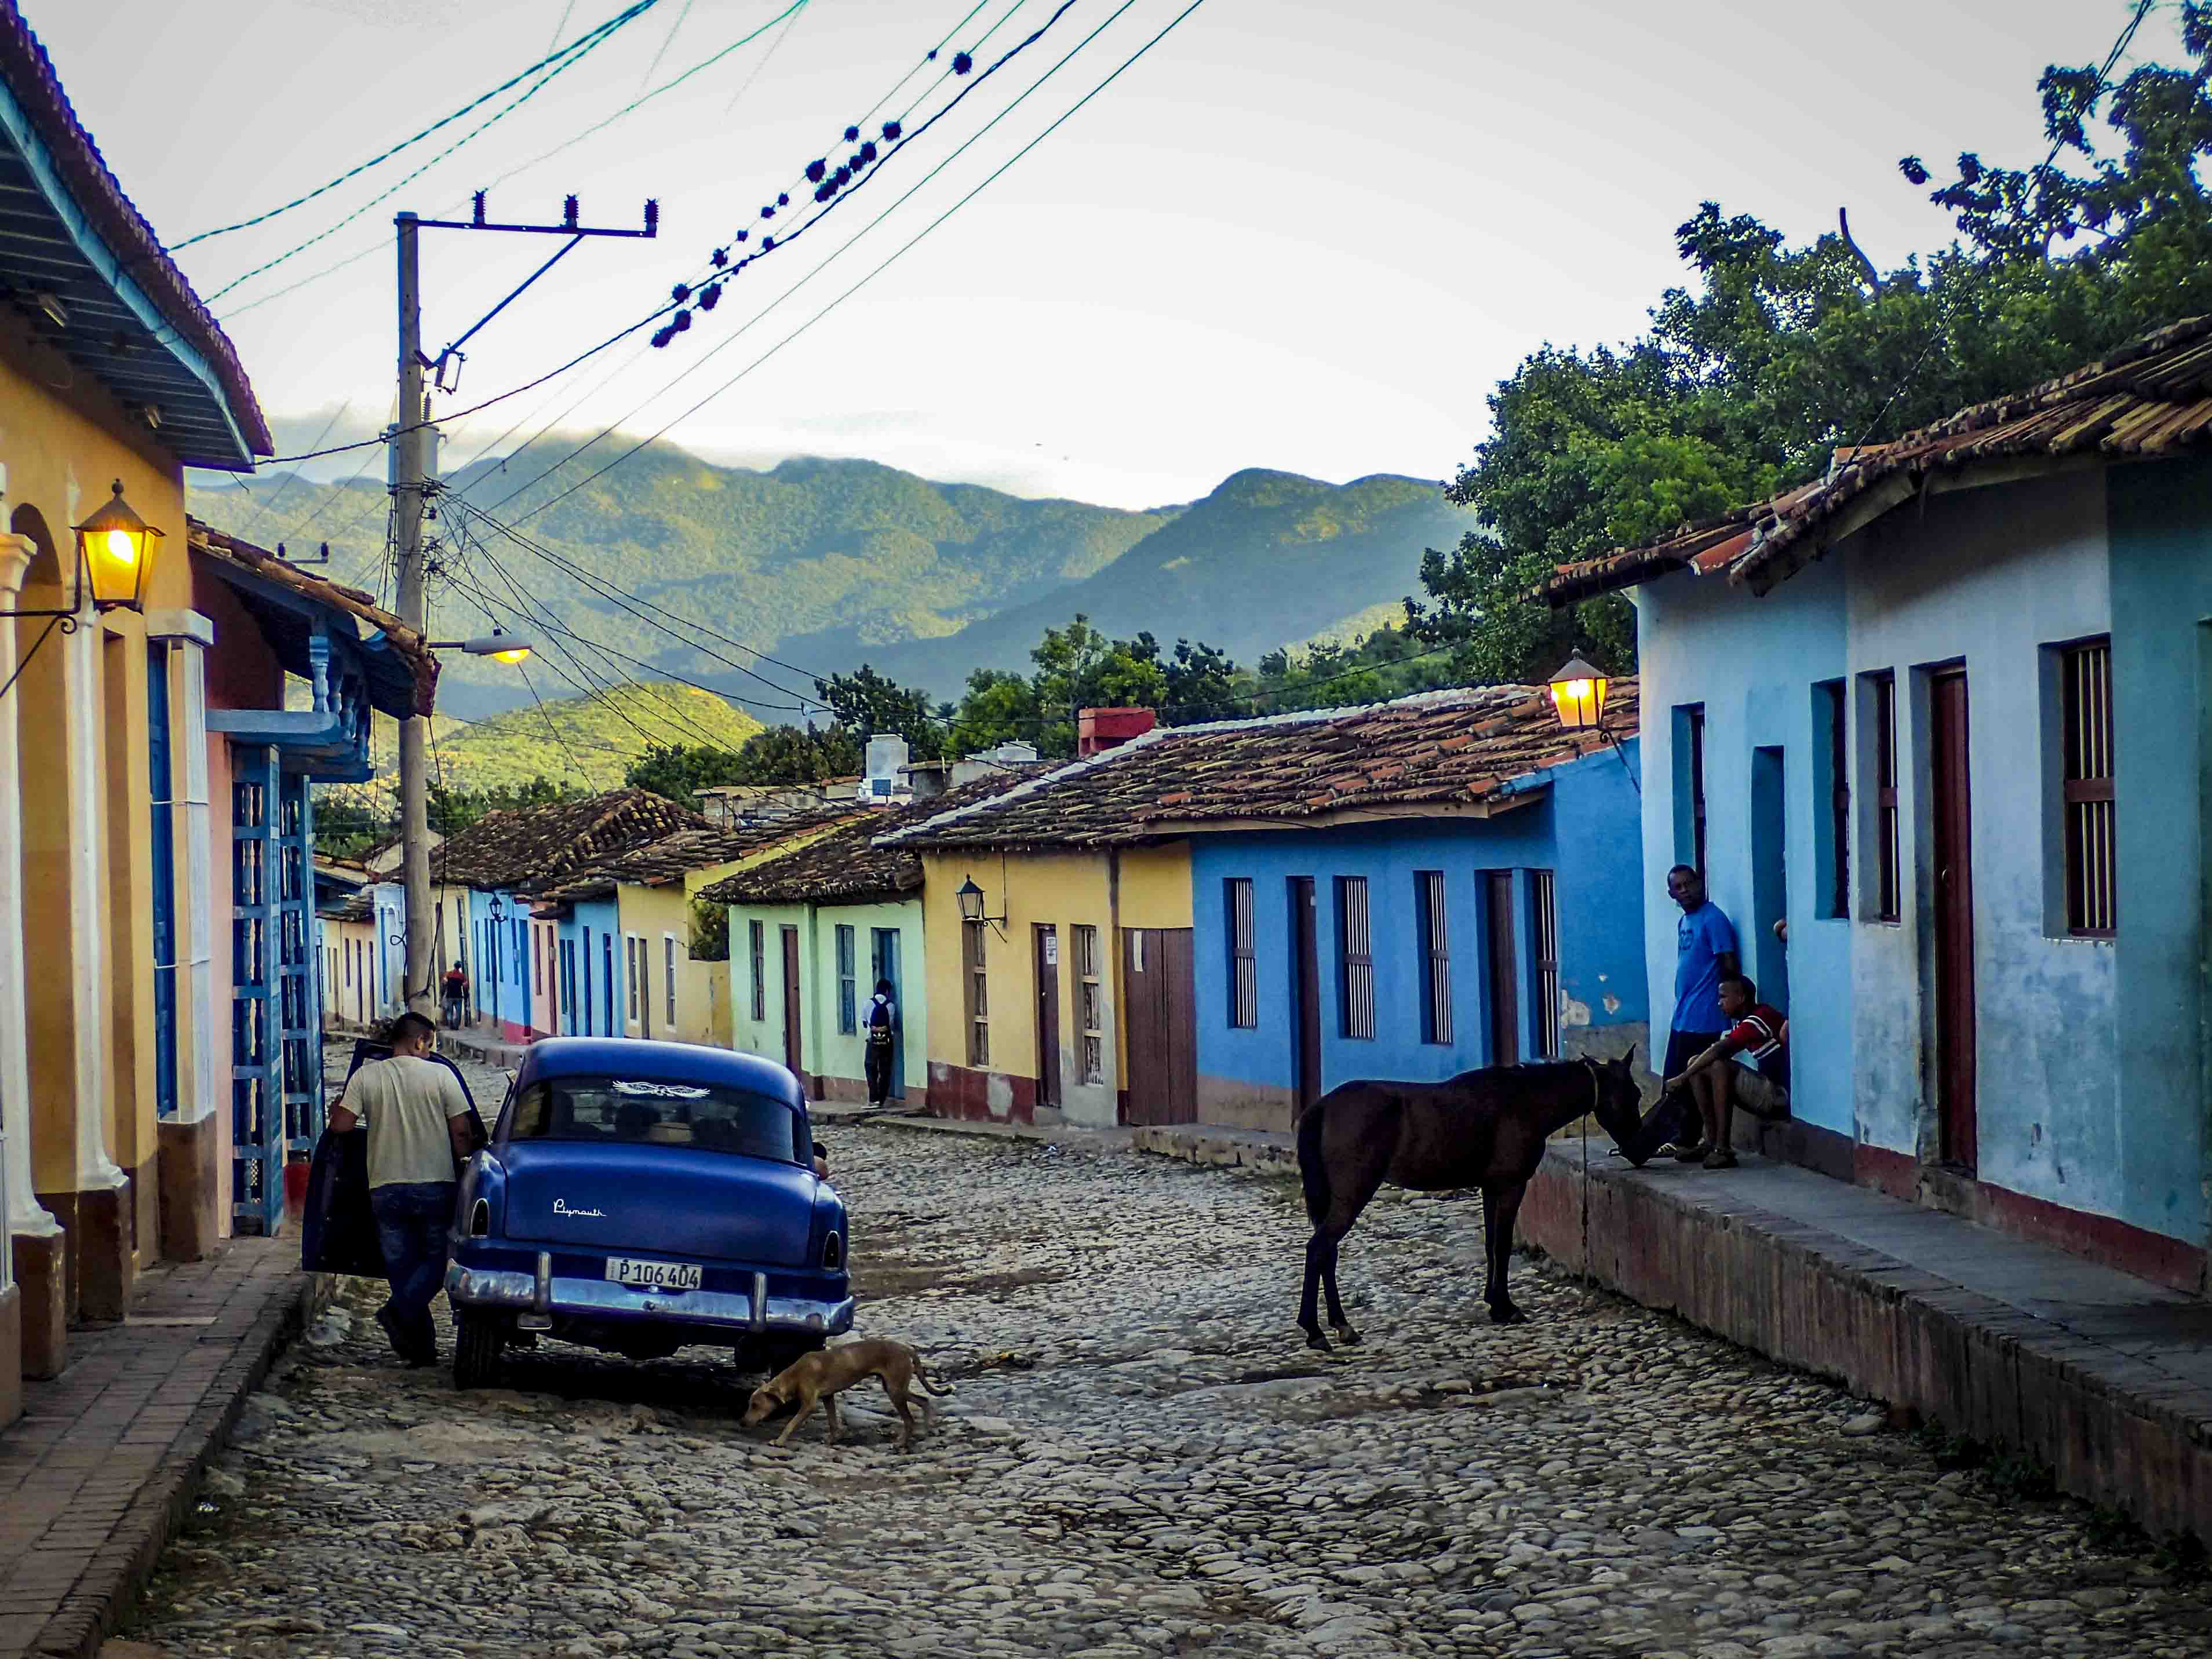 Leven in de straten van Trinidad